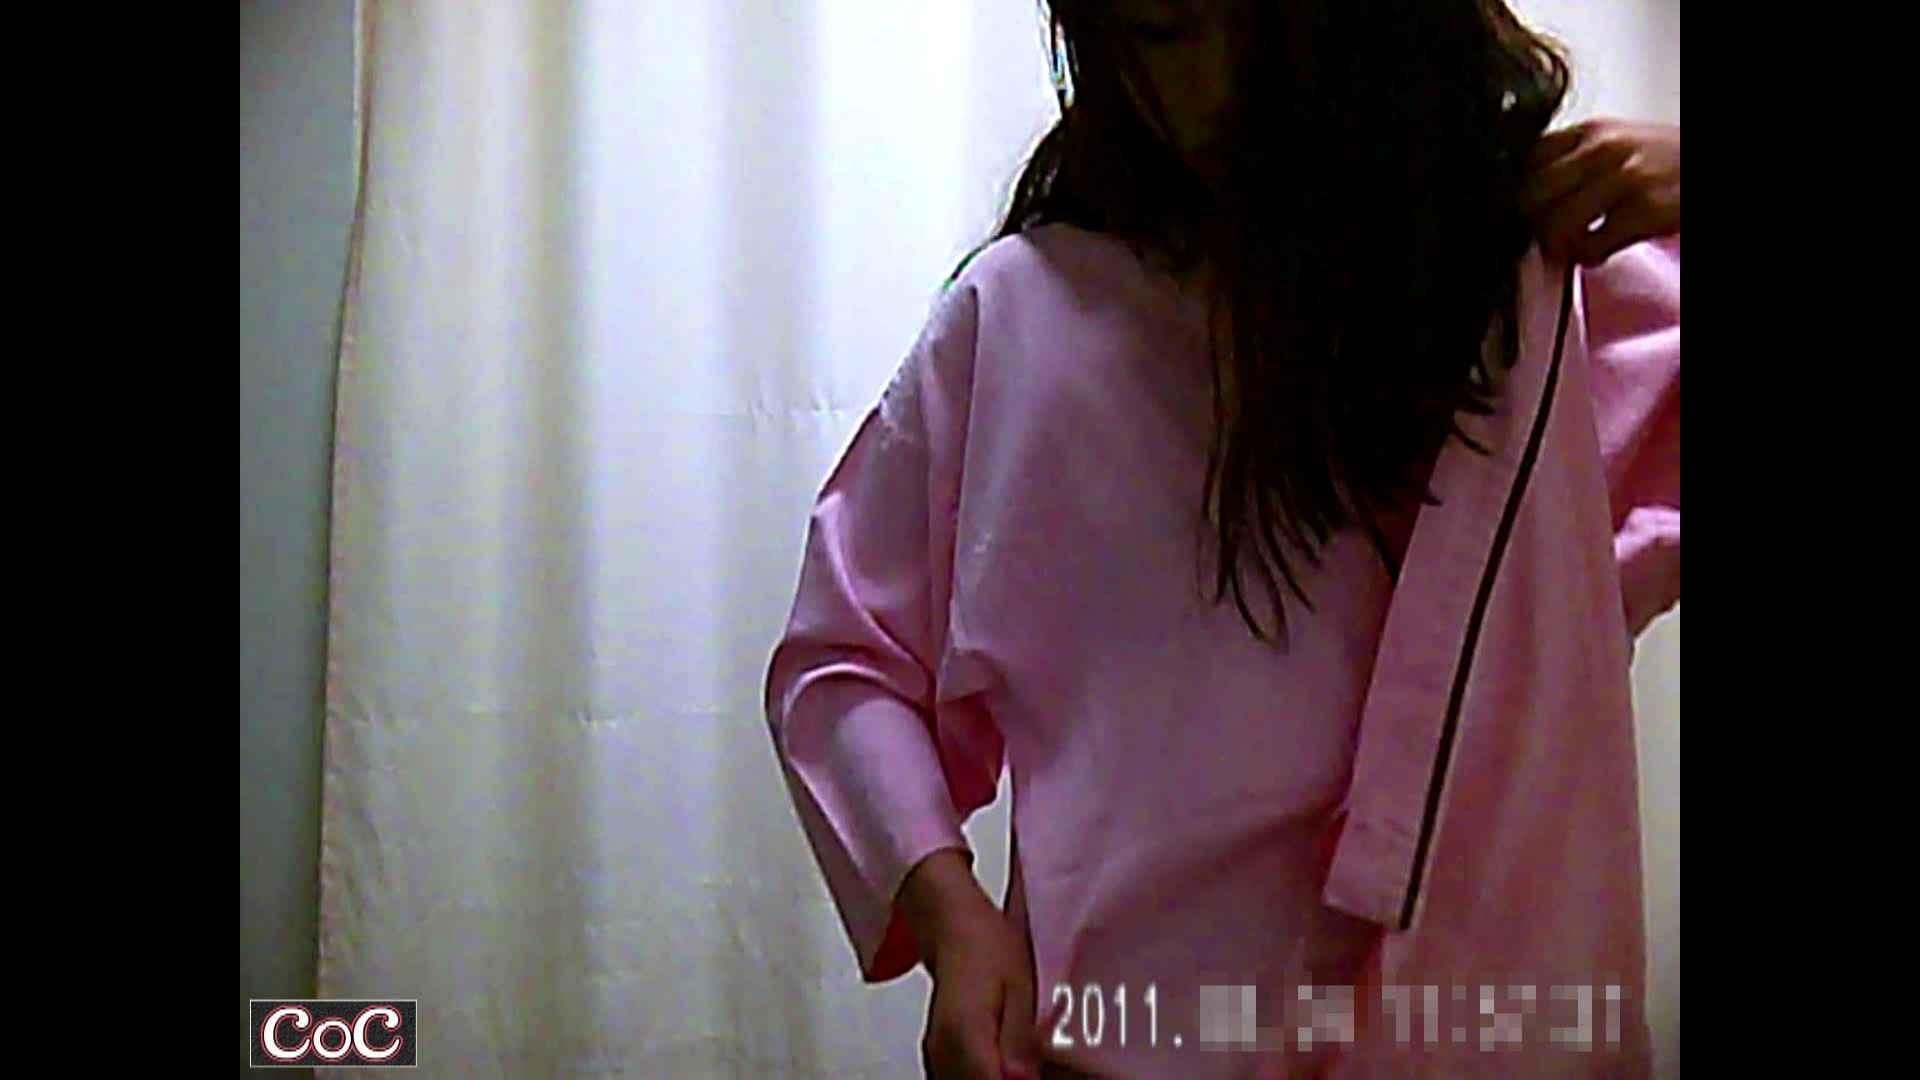 病院おもいっきり着替え! vol.10 OLセックス のぞき動画画像 109画像 51